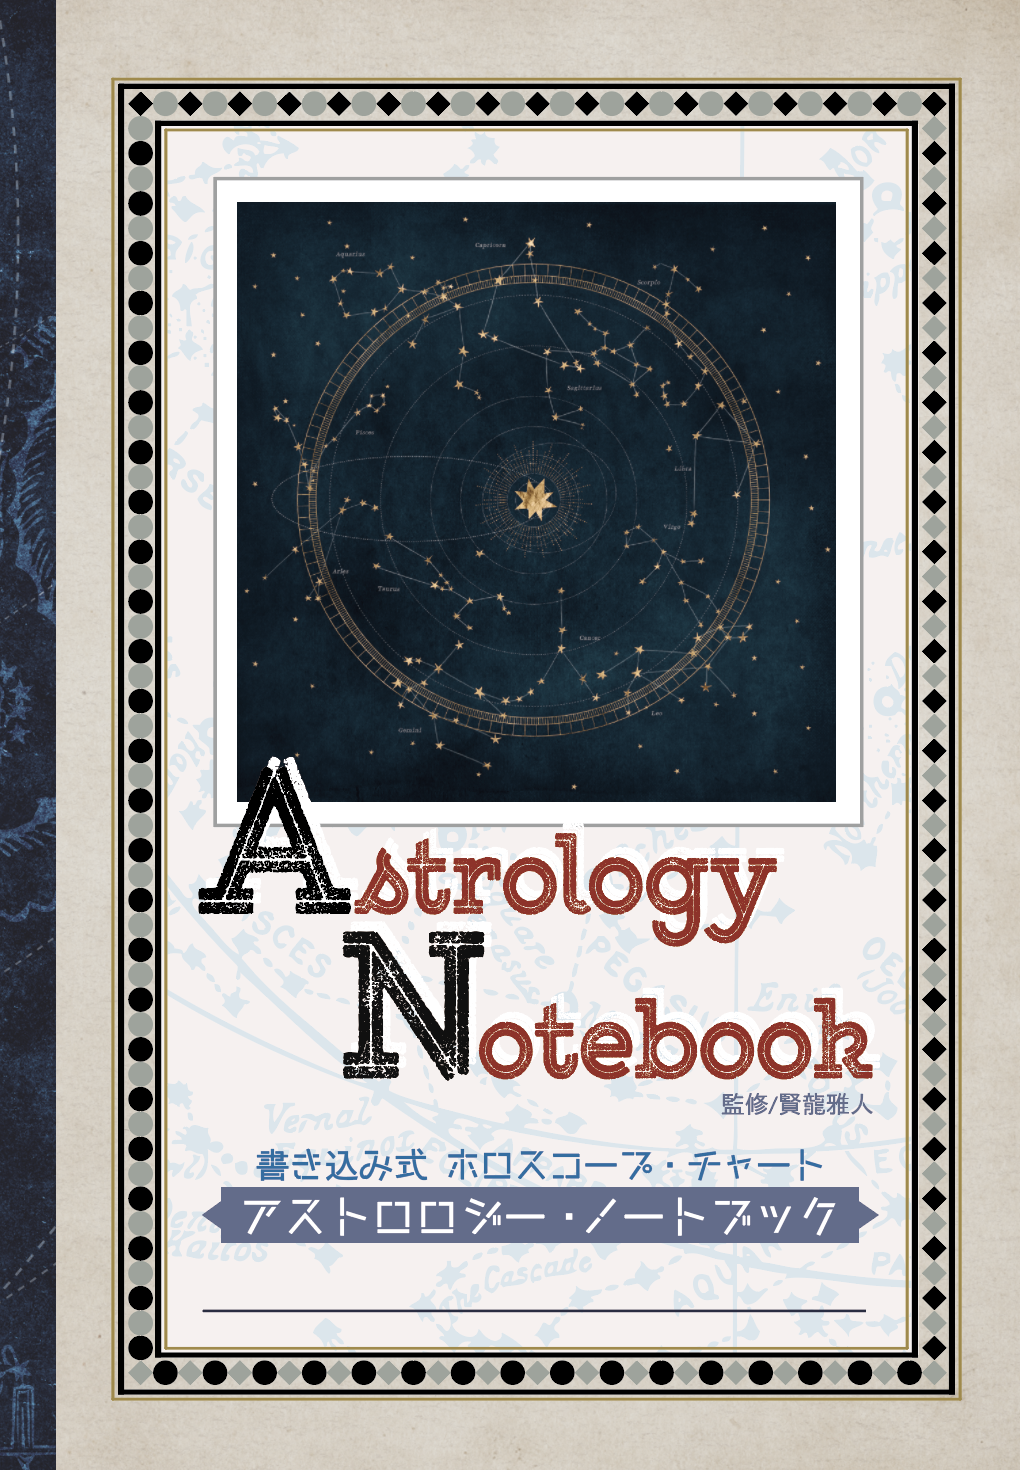 【ノート】アストロロジー・ノートブック